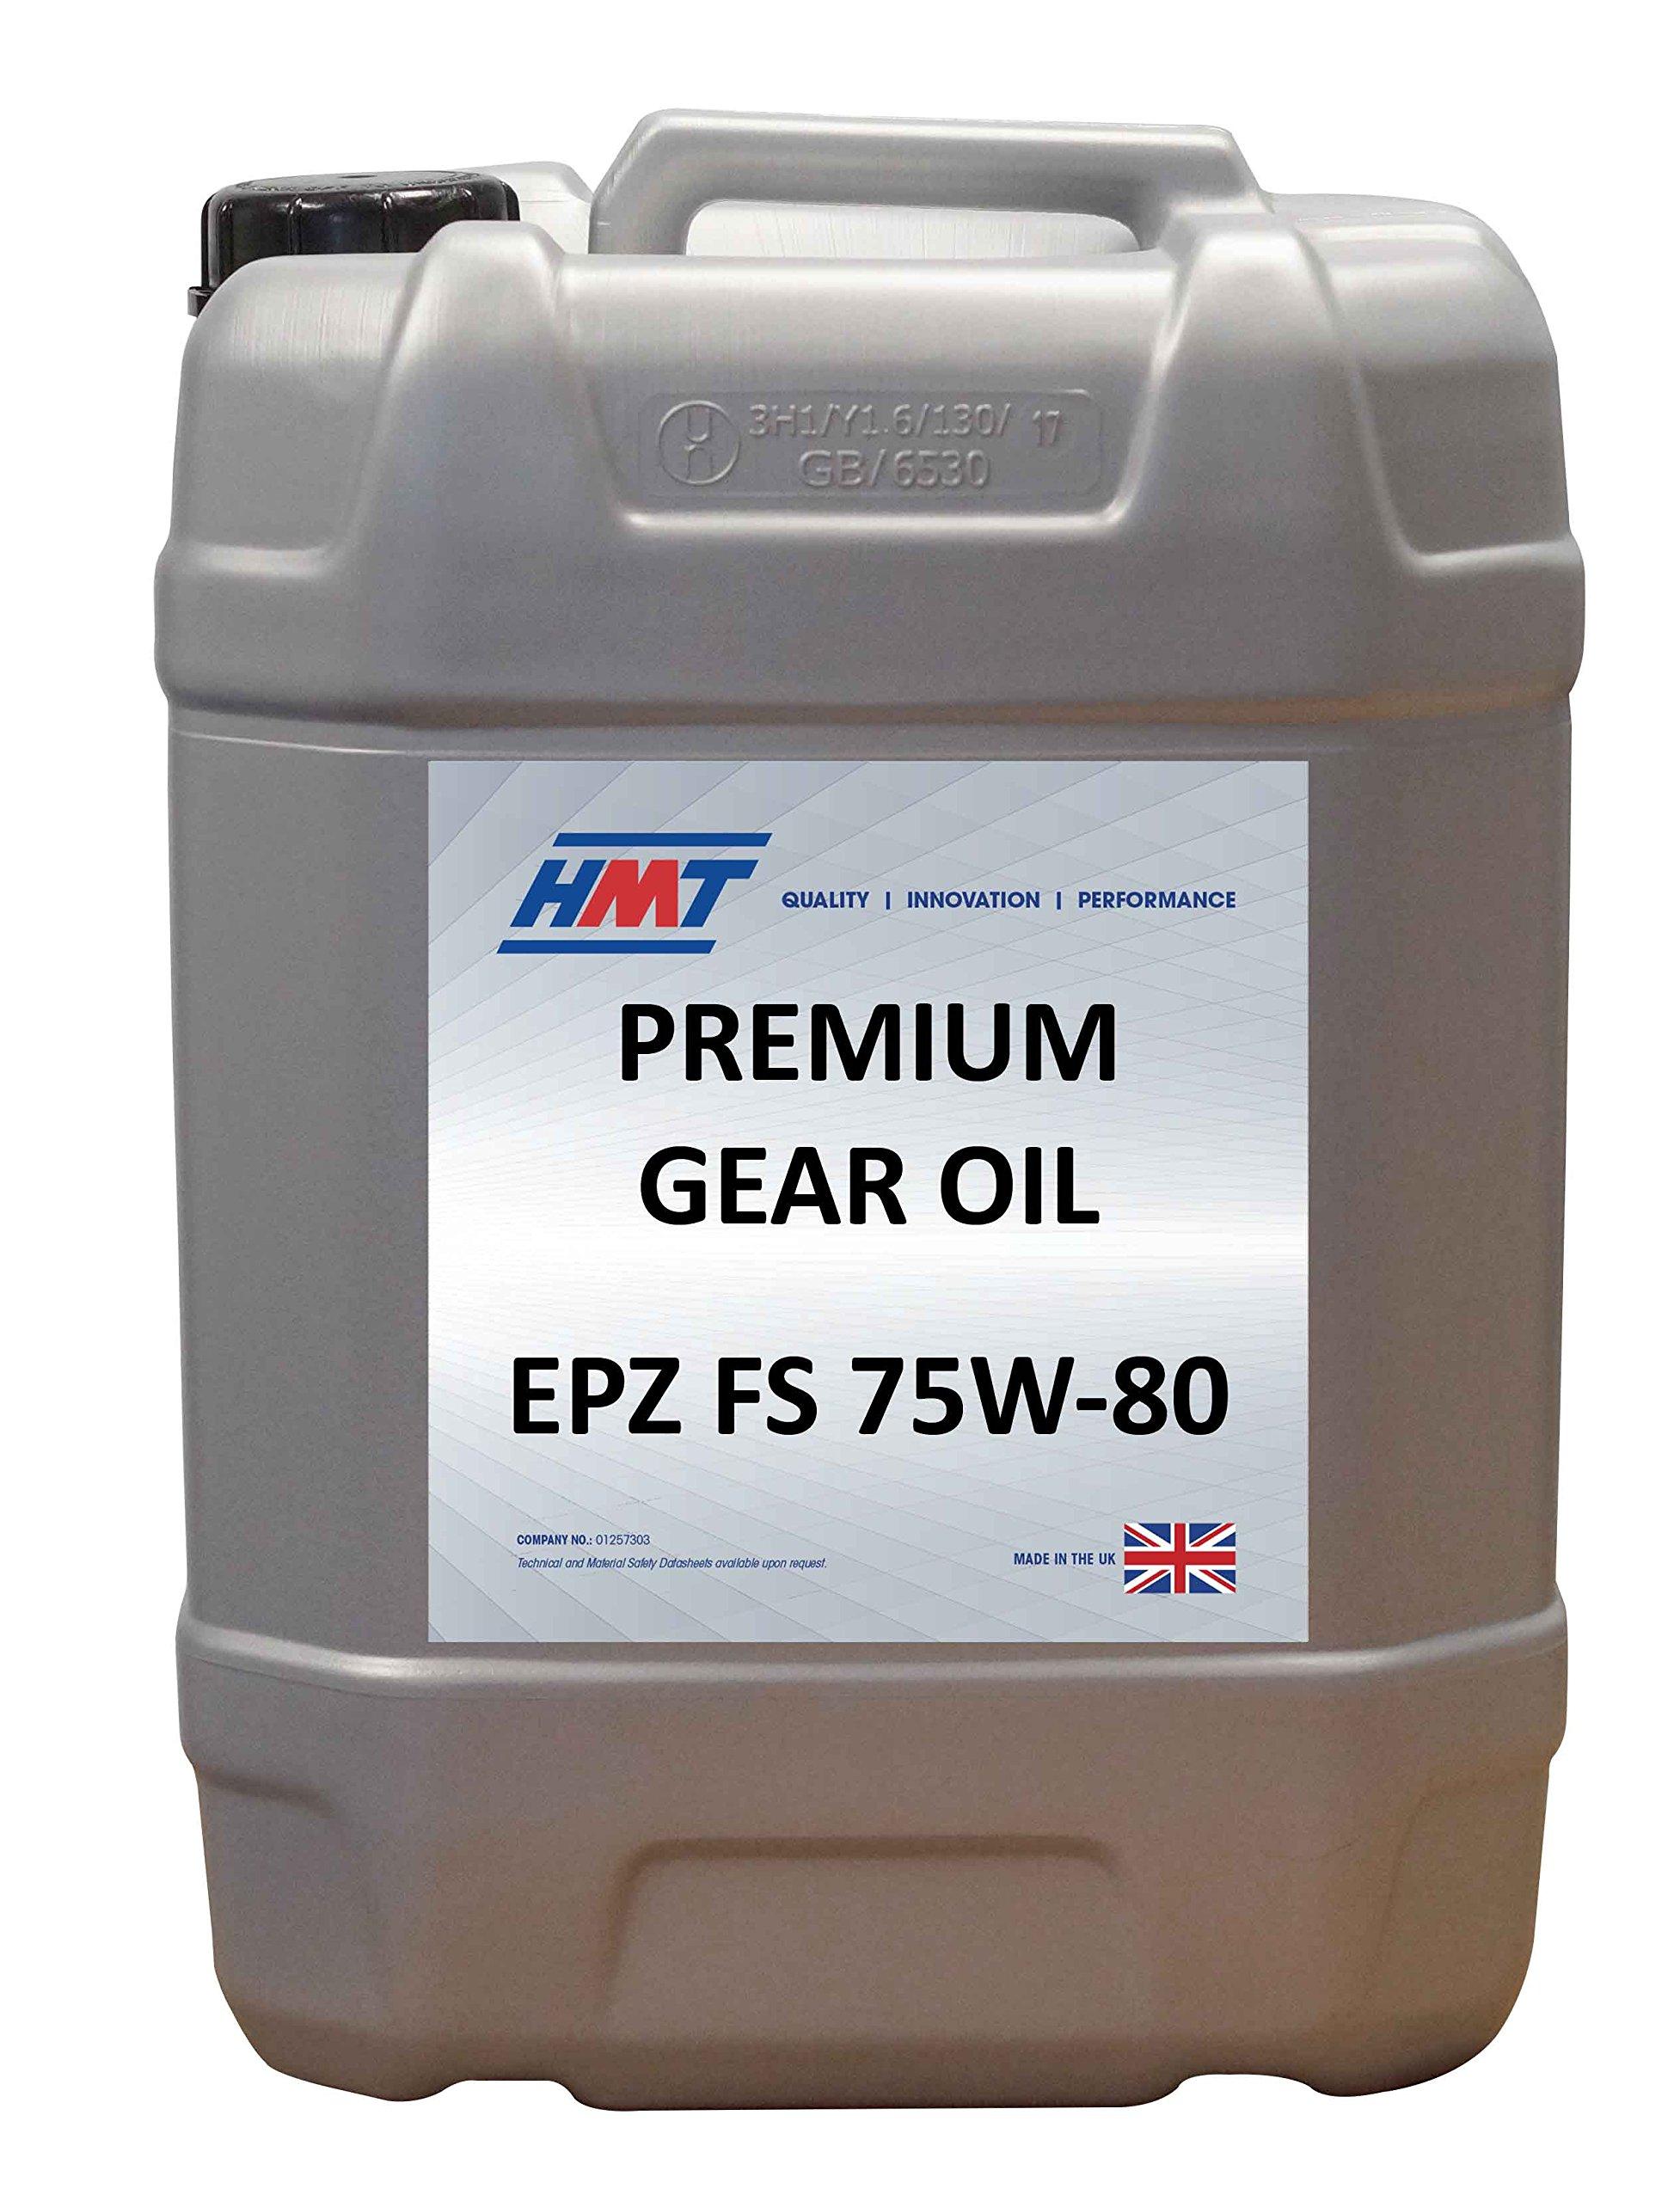 HMTG157 Premium Gear Oil EPZ FS 75W-80 - 20 Litre Plastic by HMT